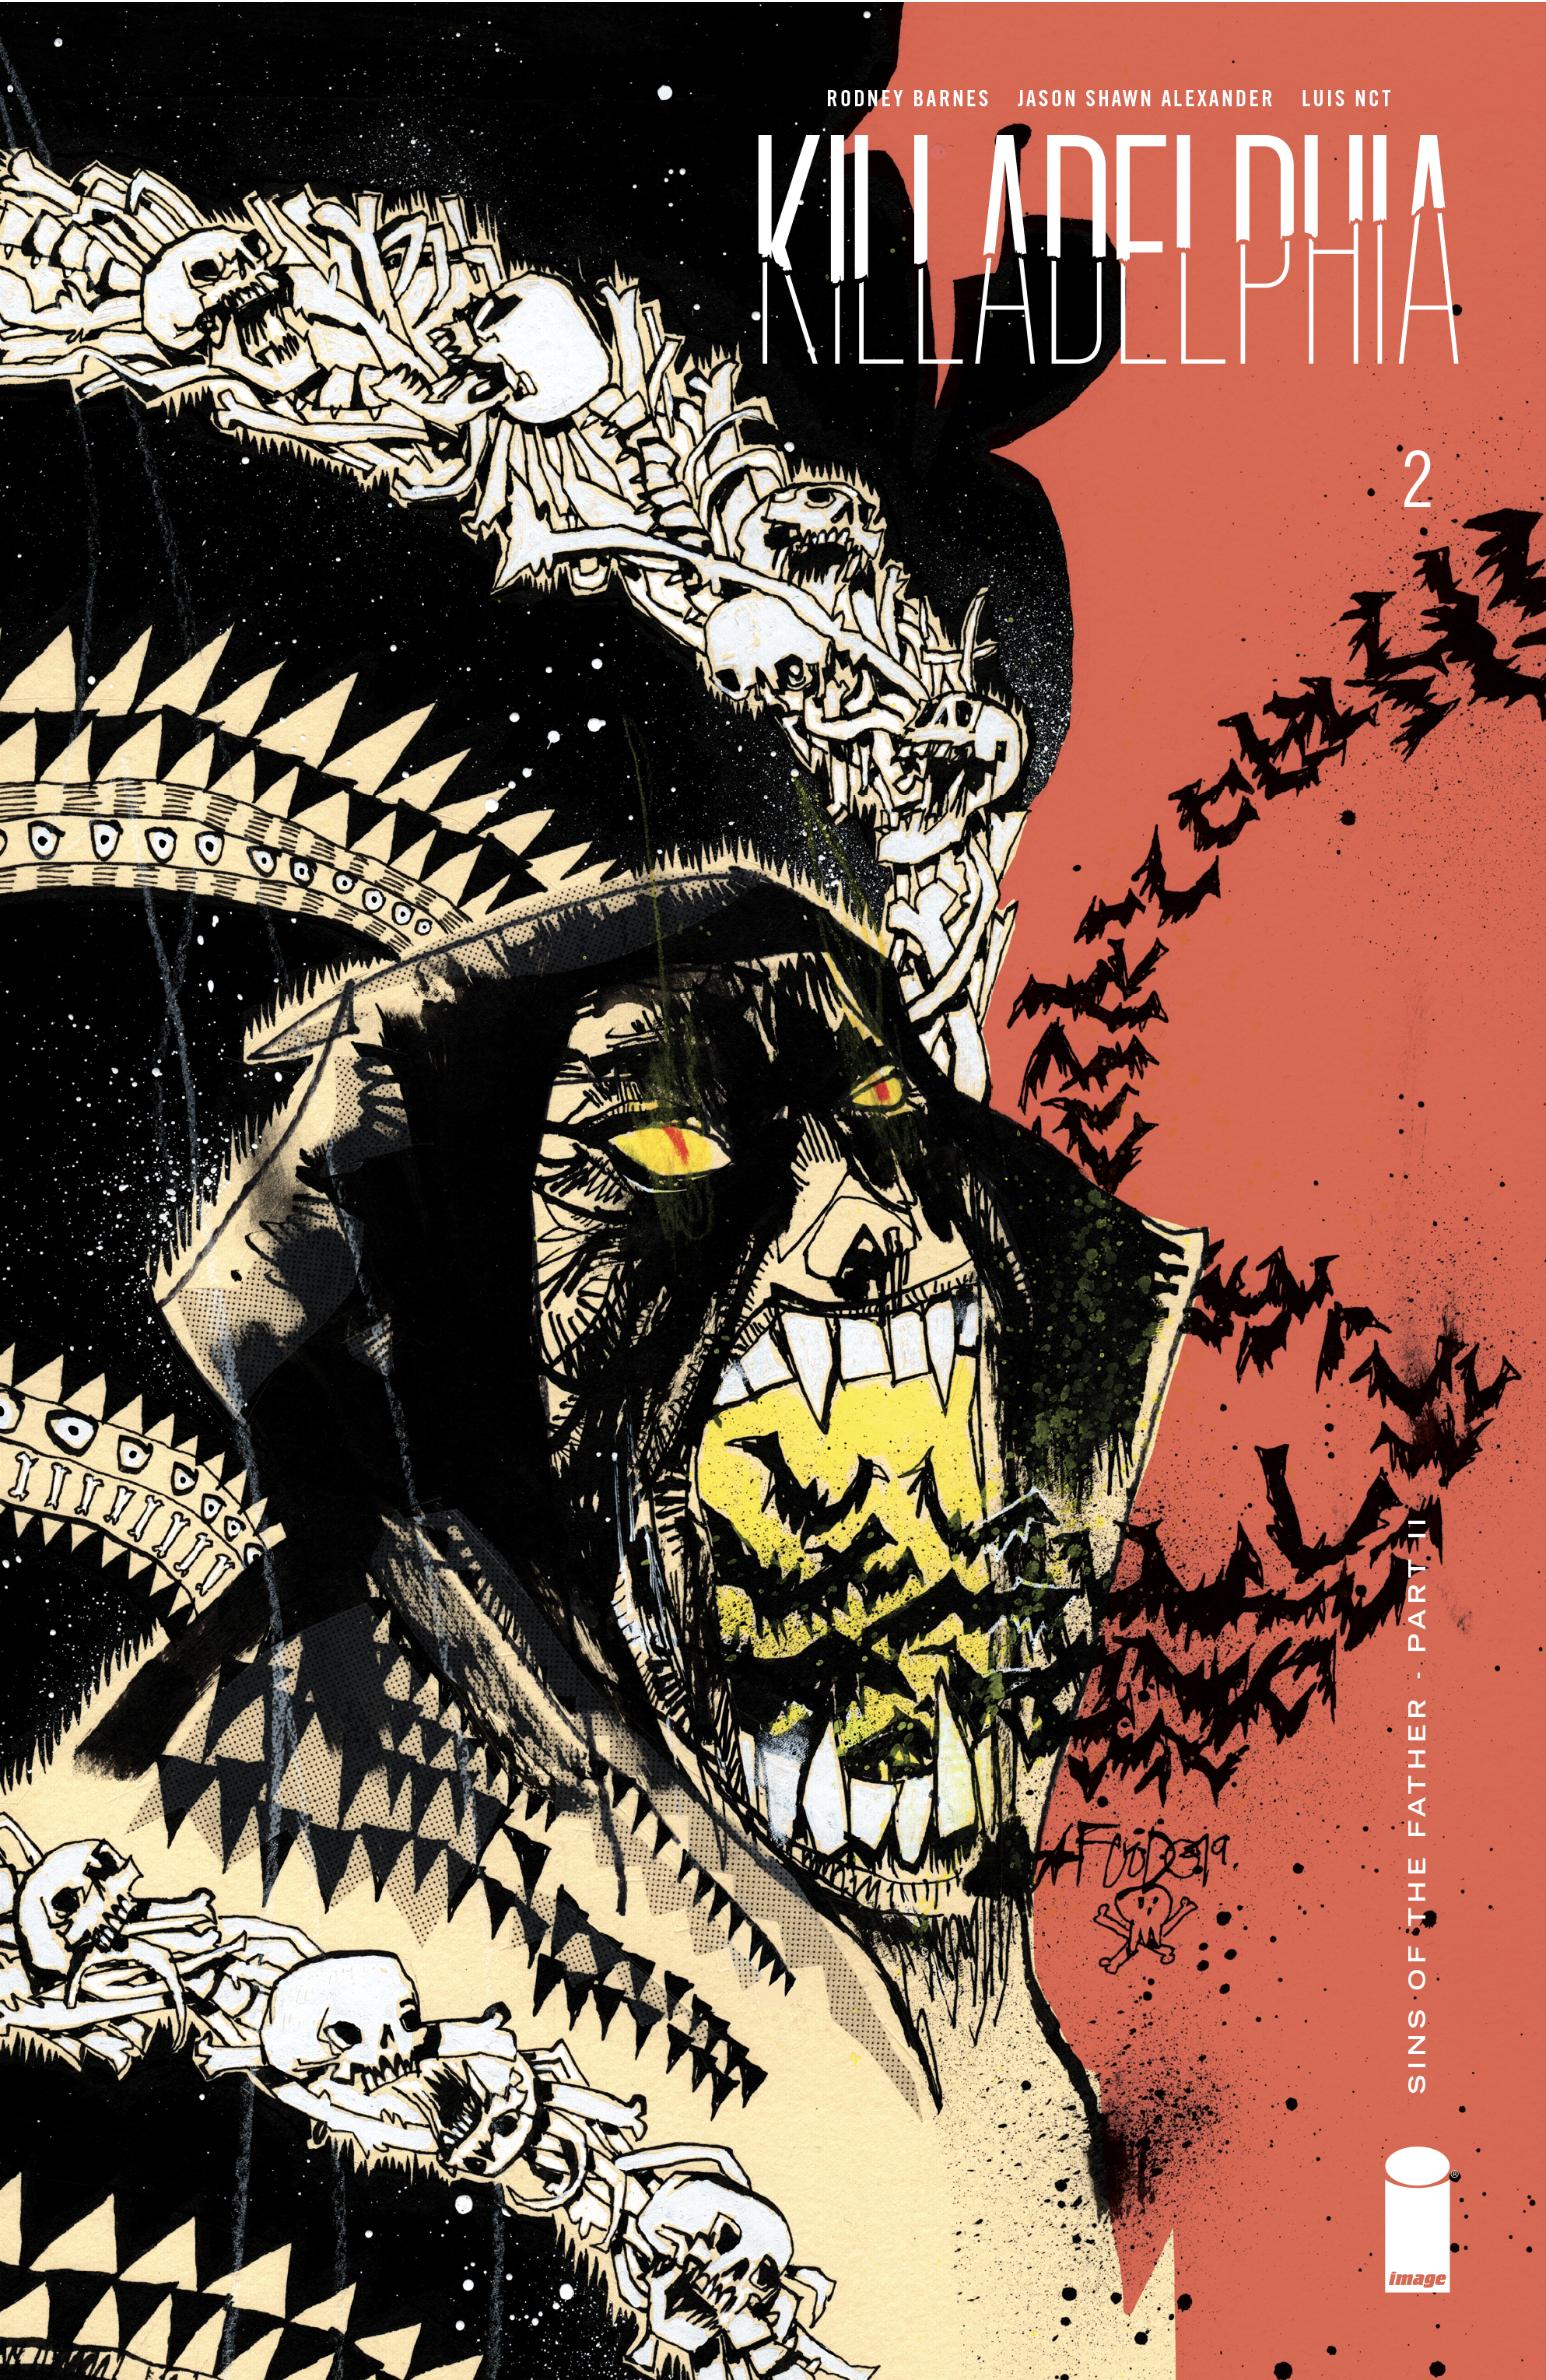 KILLADELPHIA #2 VARIANT COVER